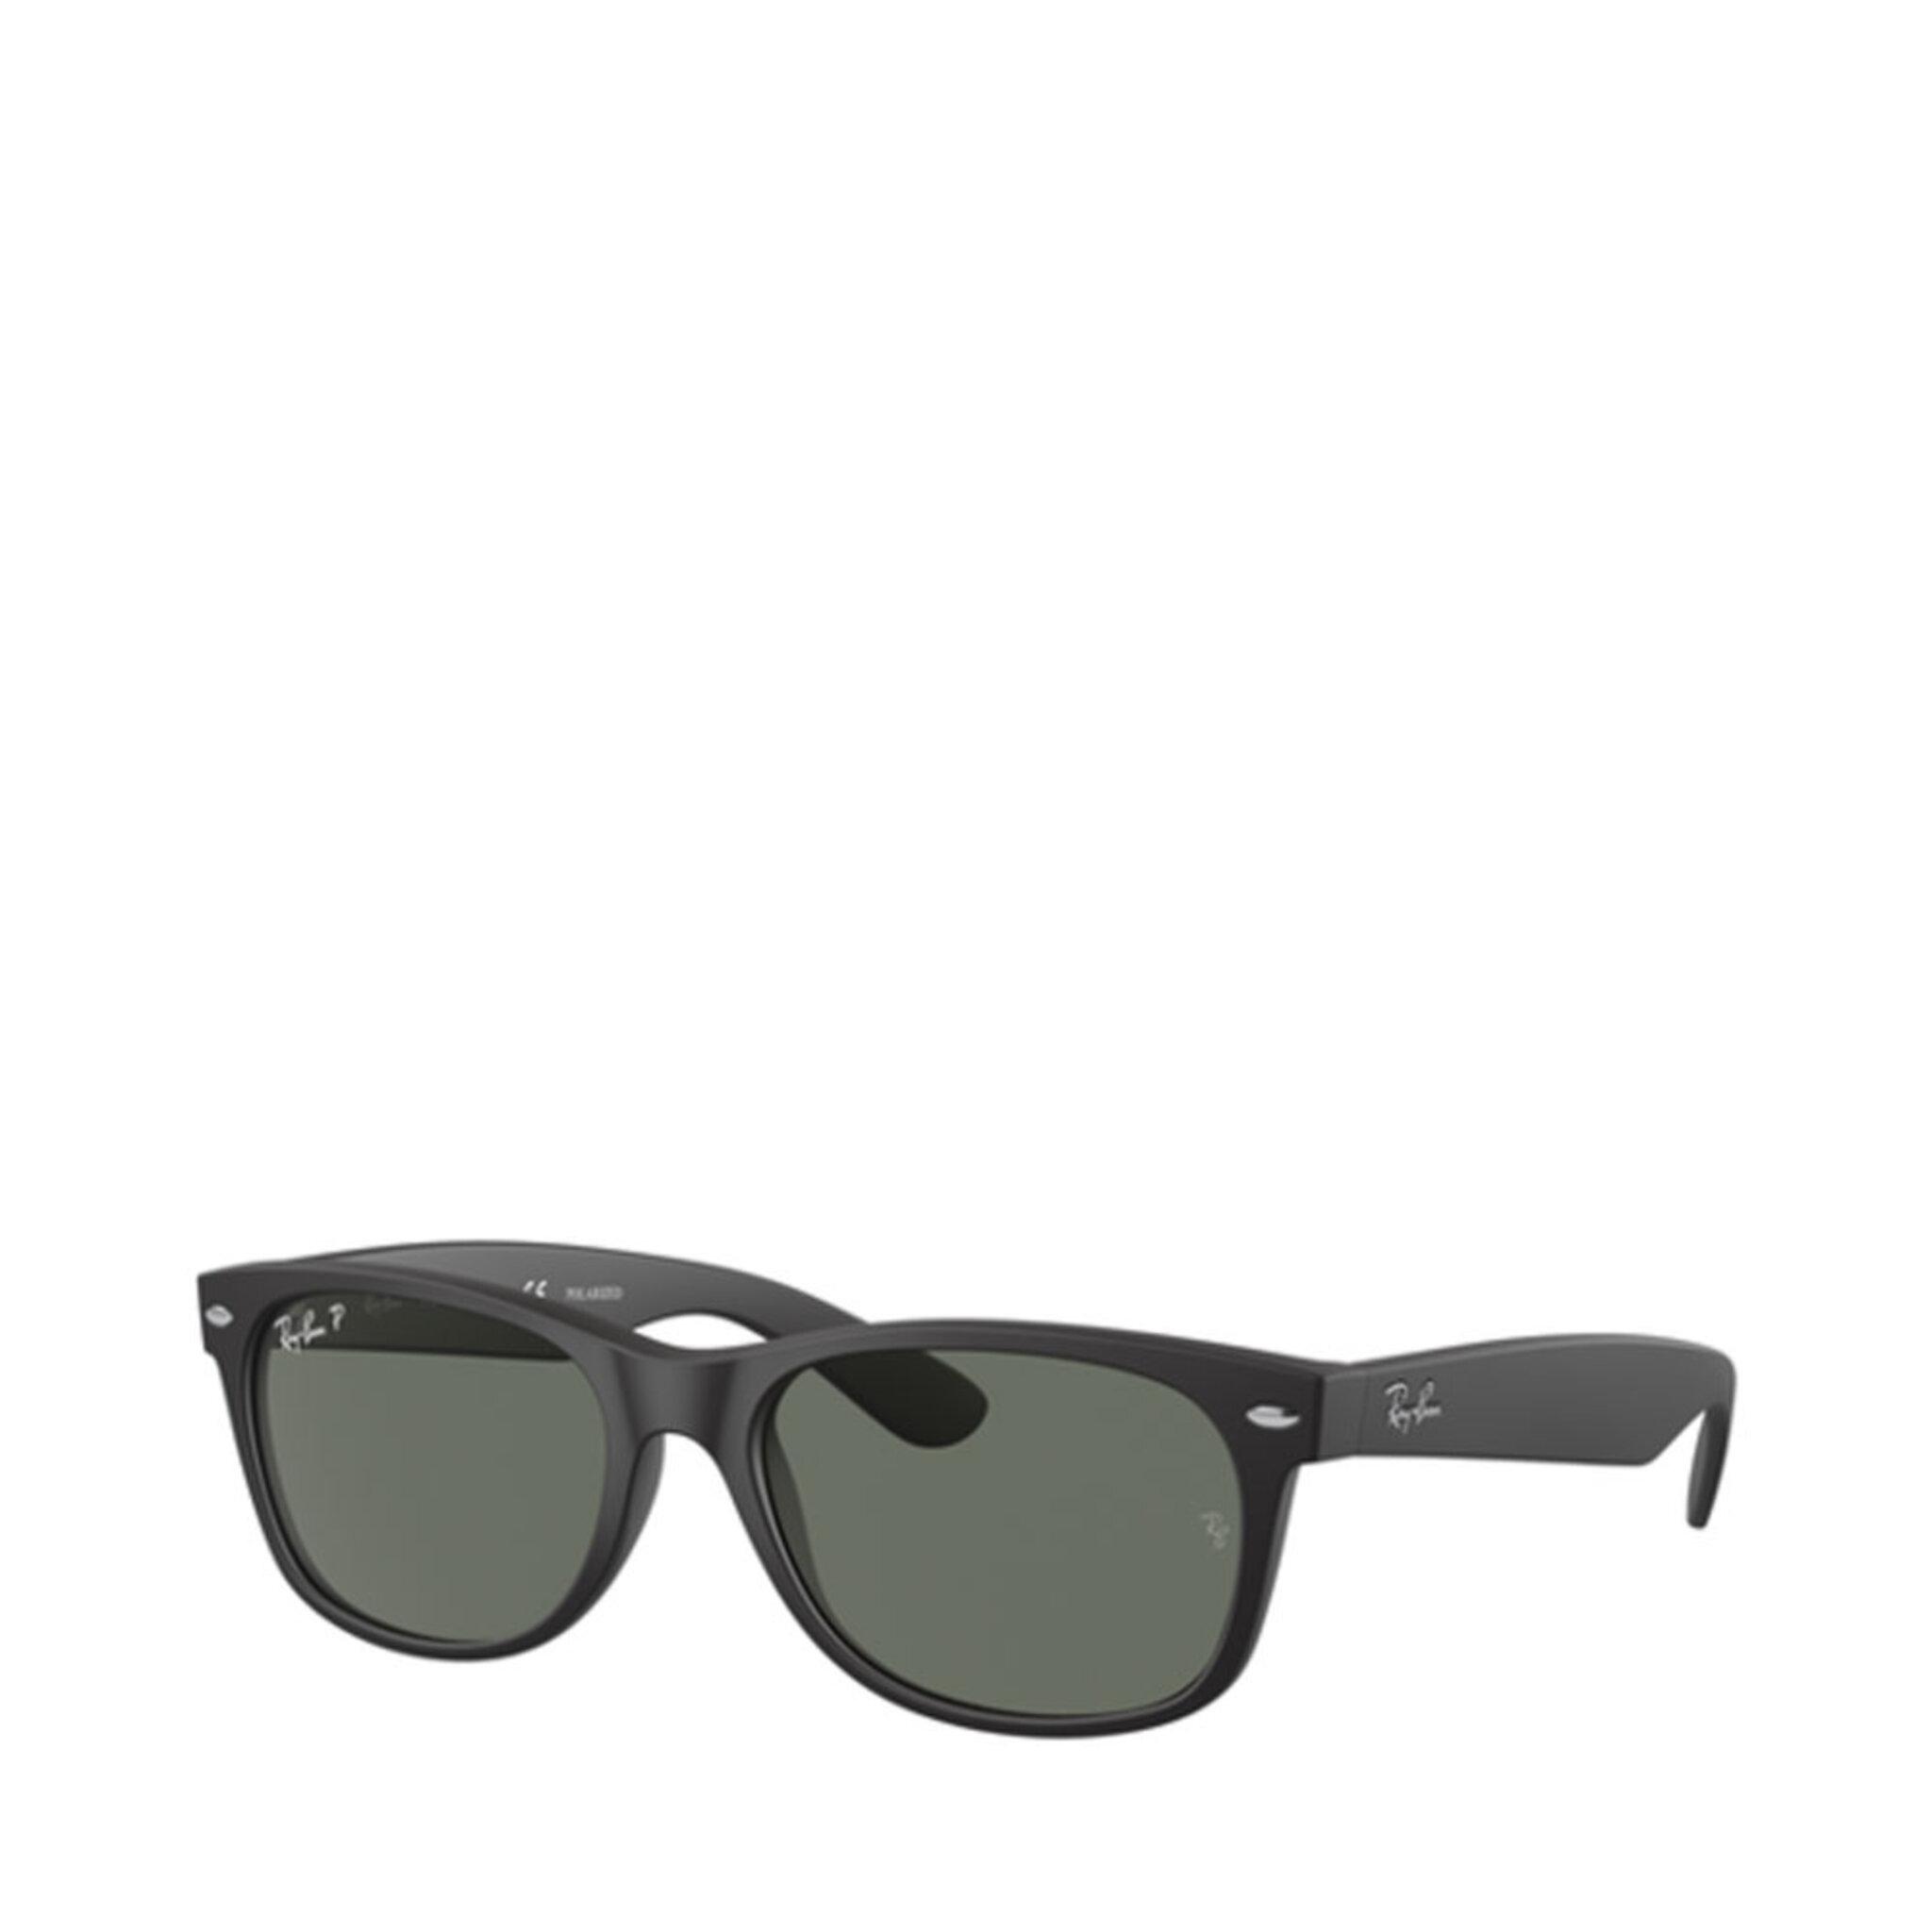 Sunglasses 0RB2132 901, 55